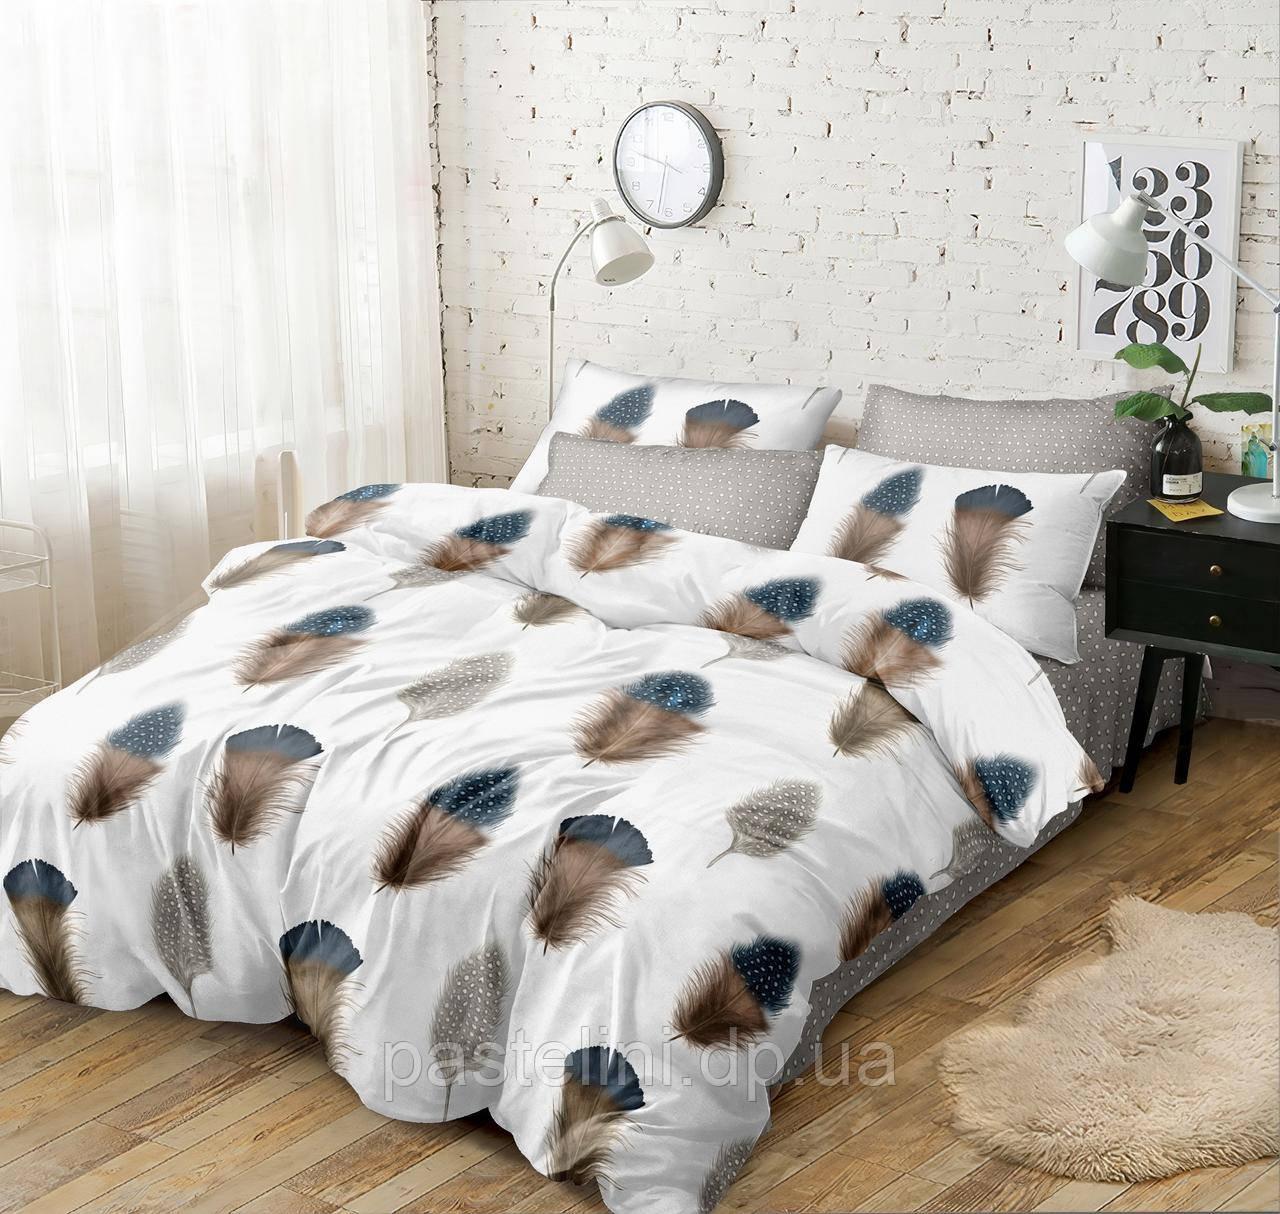 Комплект постельного белья Love you поплин полуторный   203016